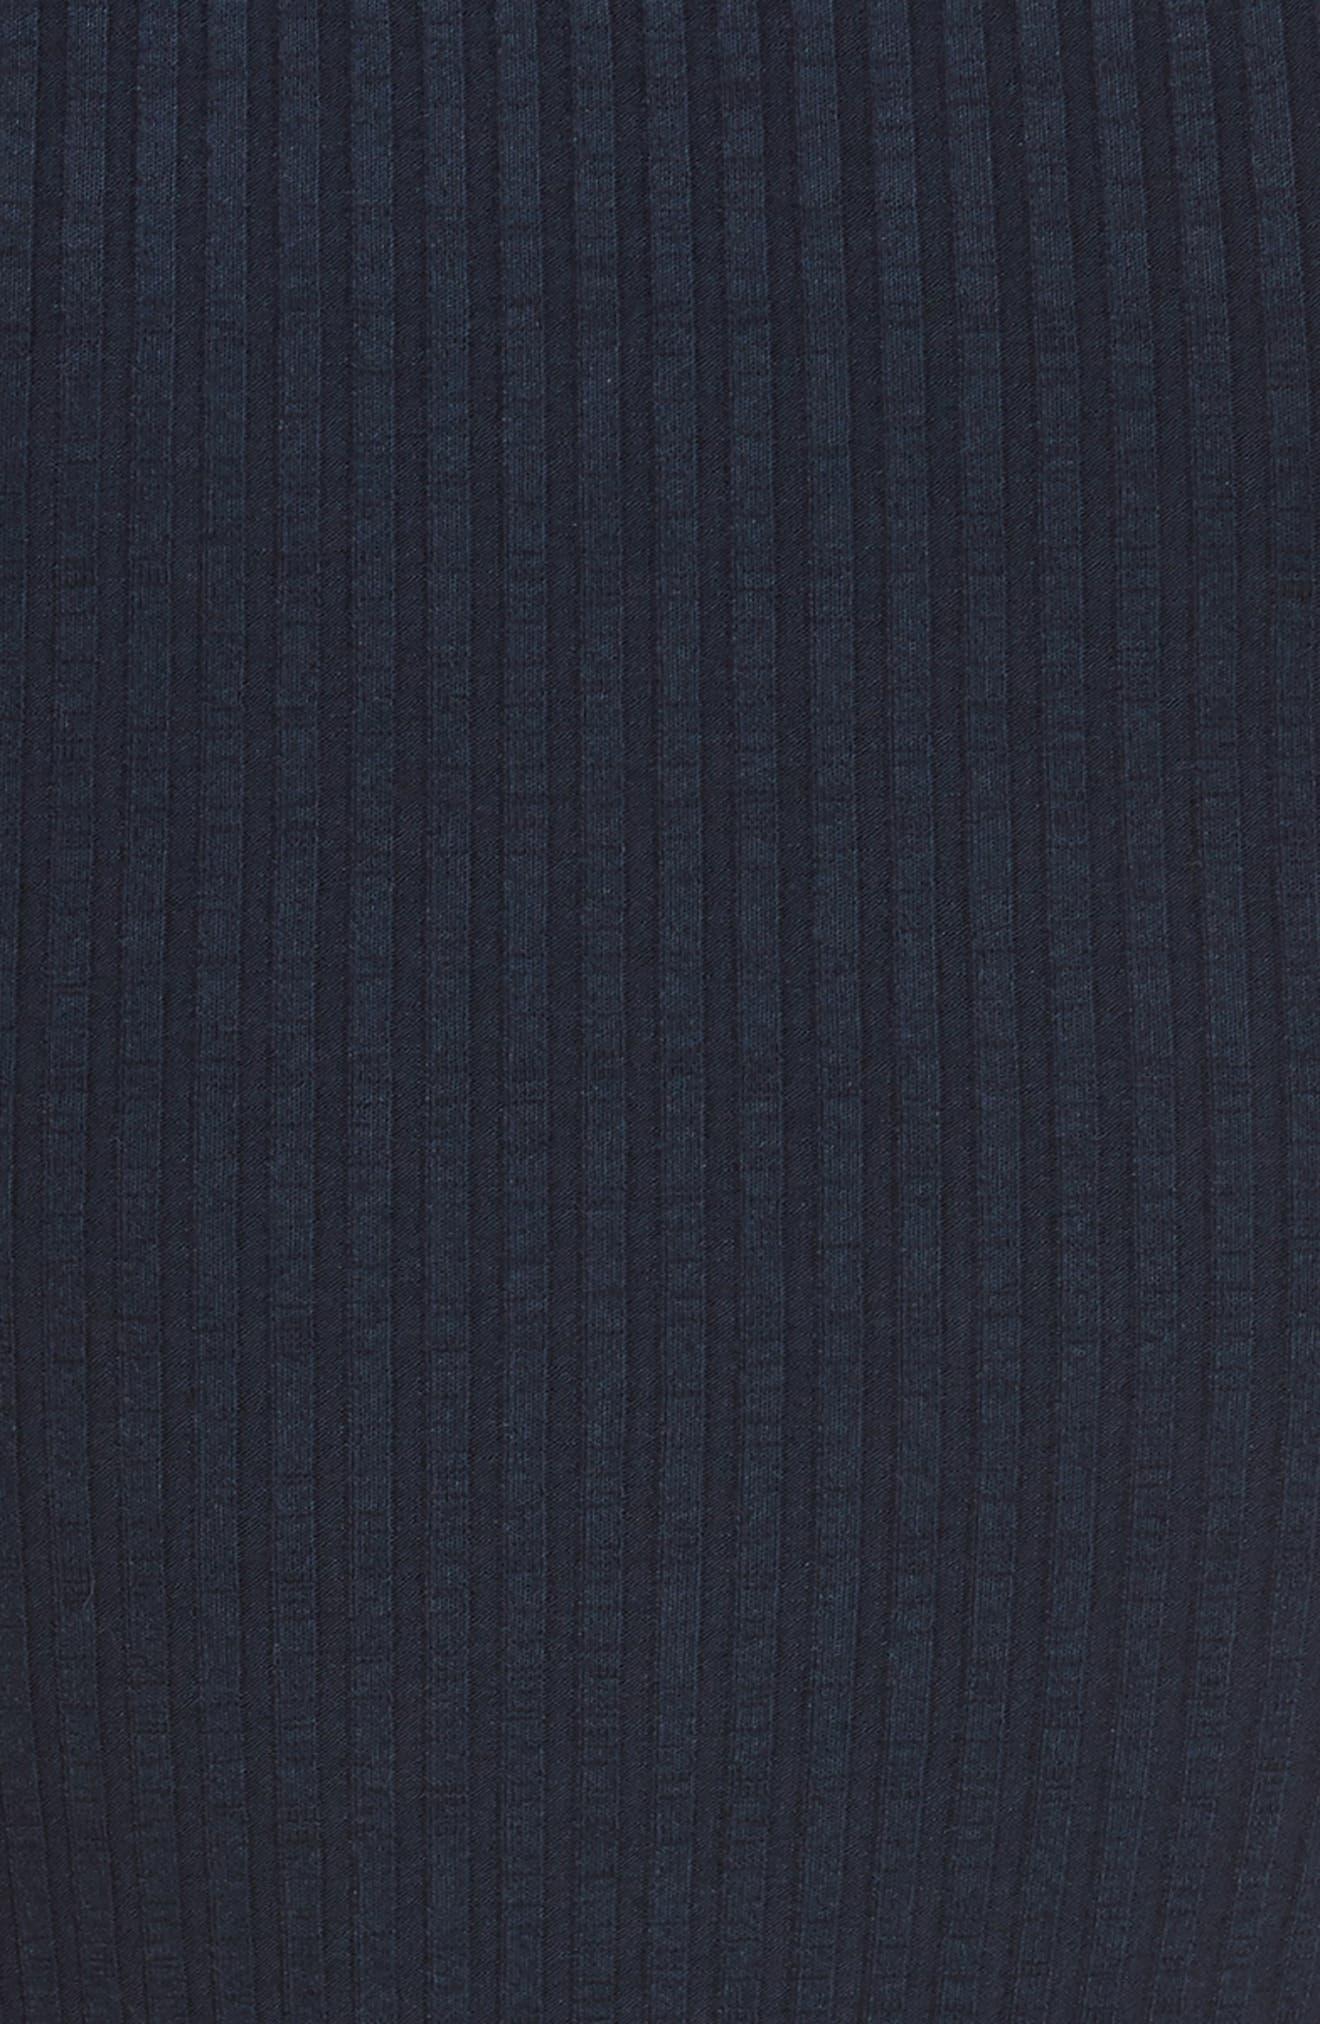 Knotted Rib Knit Midi Dress,                             Alternate thumbnail 5, color,                             410